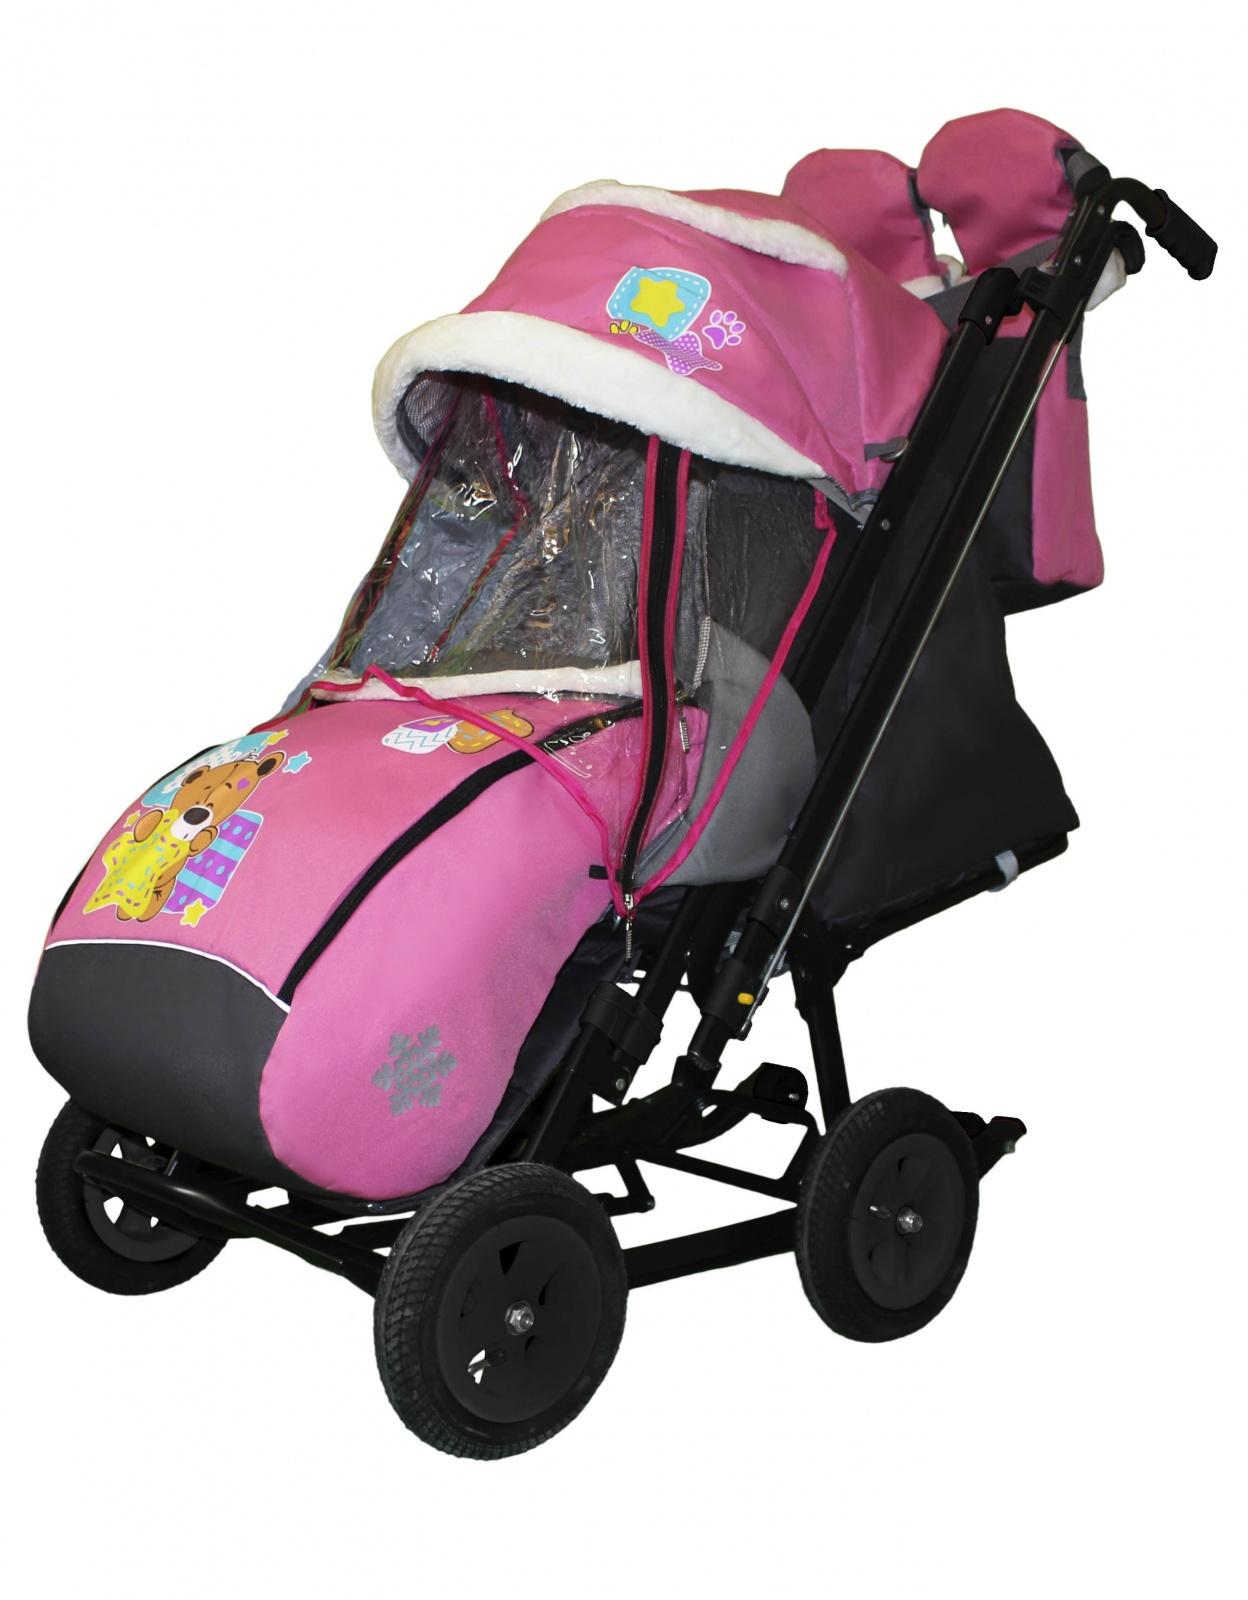 Купить Санки-коляска Galaxy Snow City-2-1 Мишка со звездой на розовом, сумка + варежки,